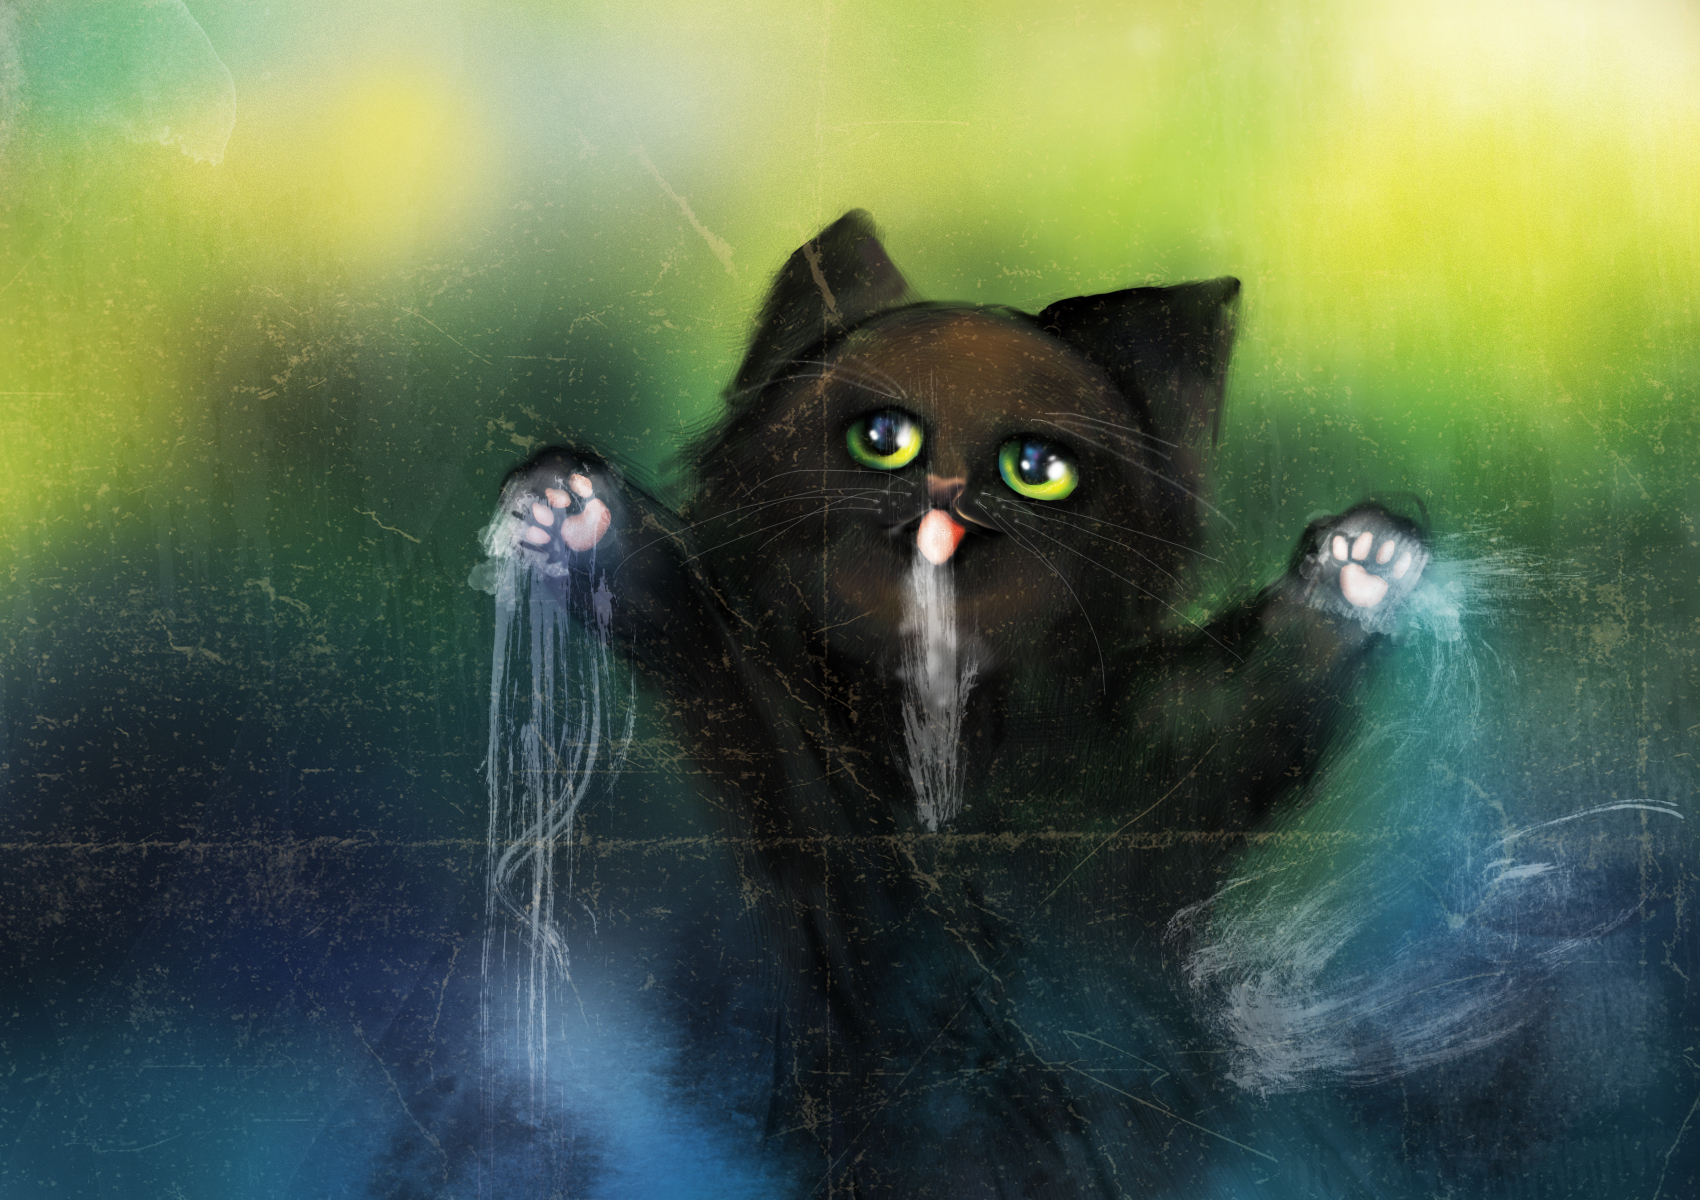 Katze auf Glas